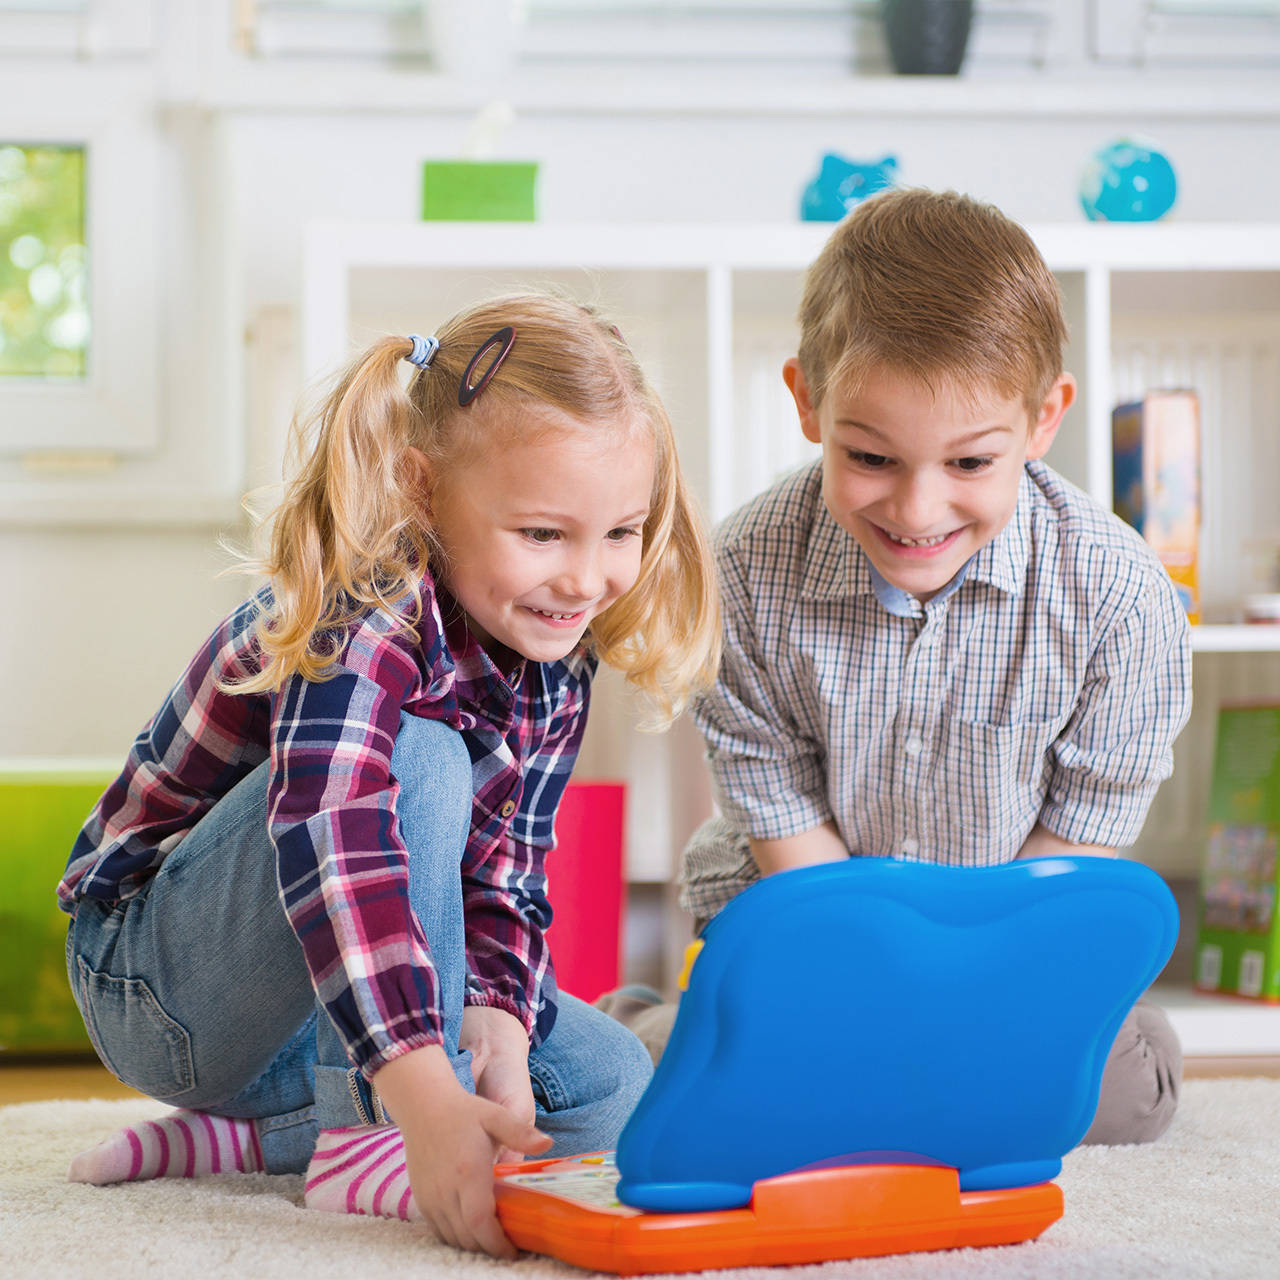 Crianças estão jogando menos e se informando mais